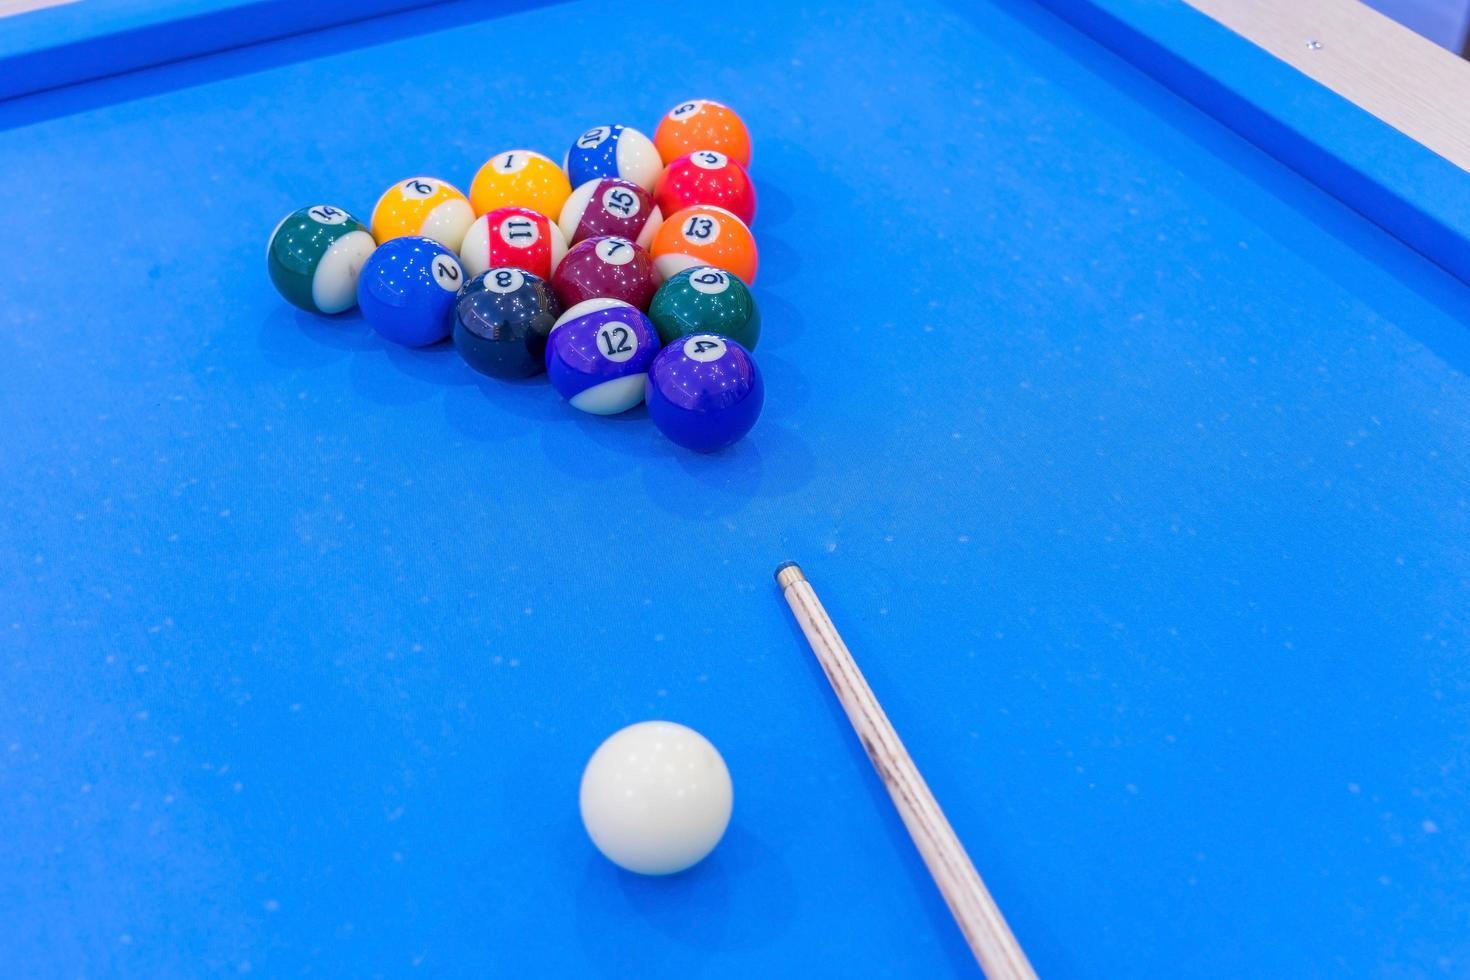 boules de billard sur table bleue photo